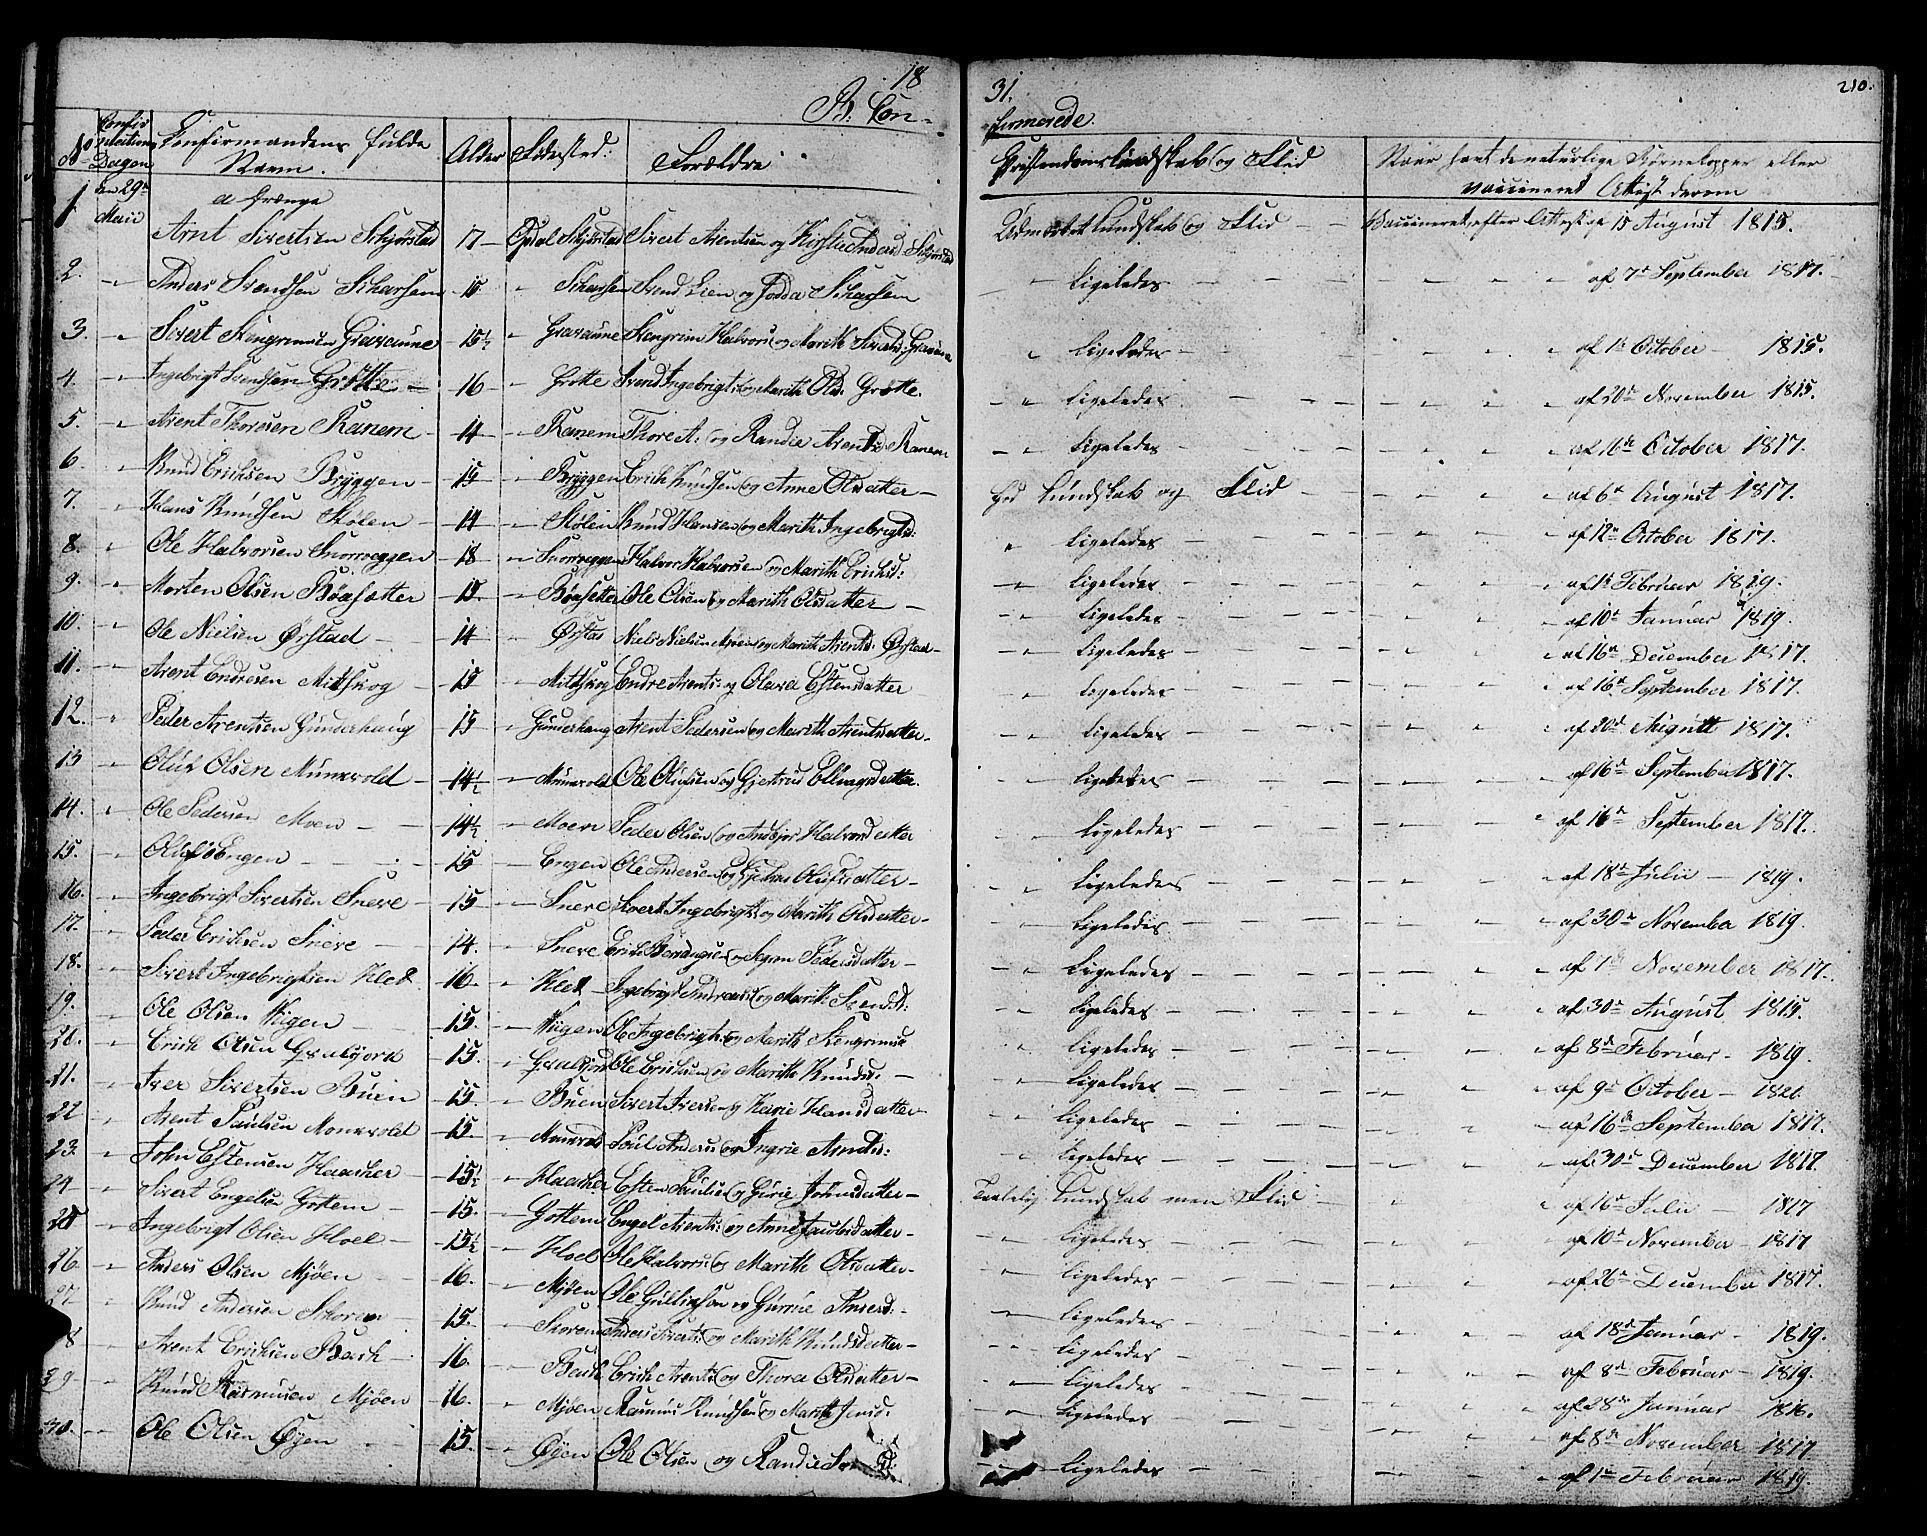 SAT, Ministerialprotokoller, klokkerbøker og fødselsregistre - Sør-Trøndelag, 678/L0897: Ministerialbok nr. 678A06-07, 1821-1847, s. 210